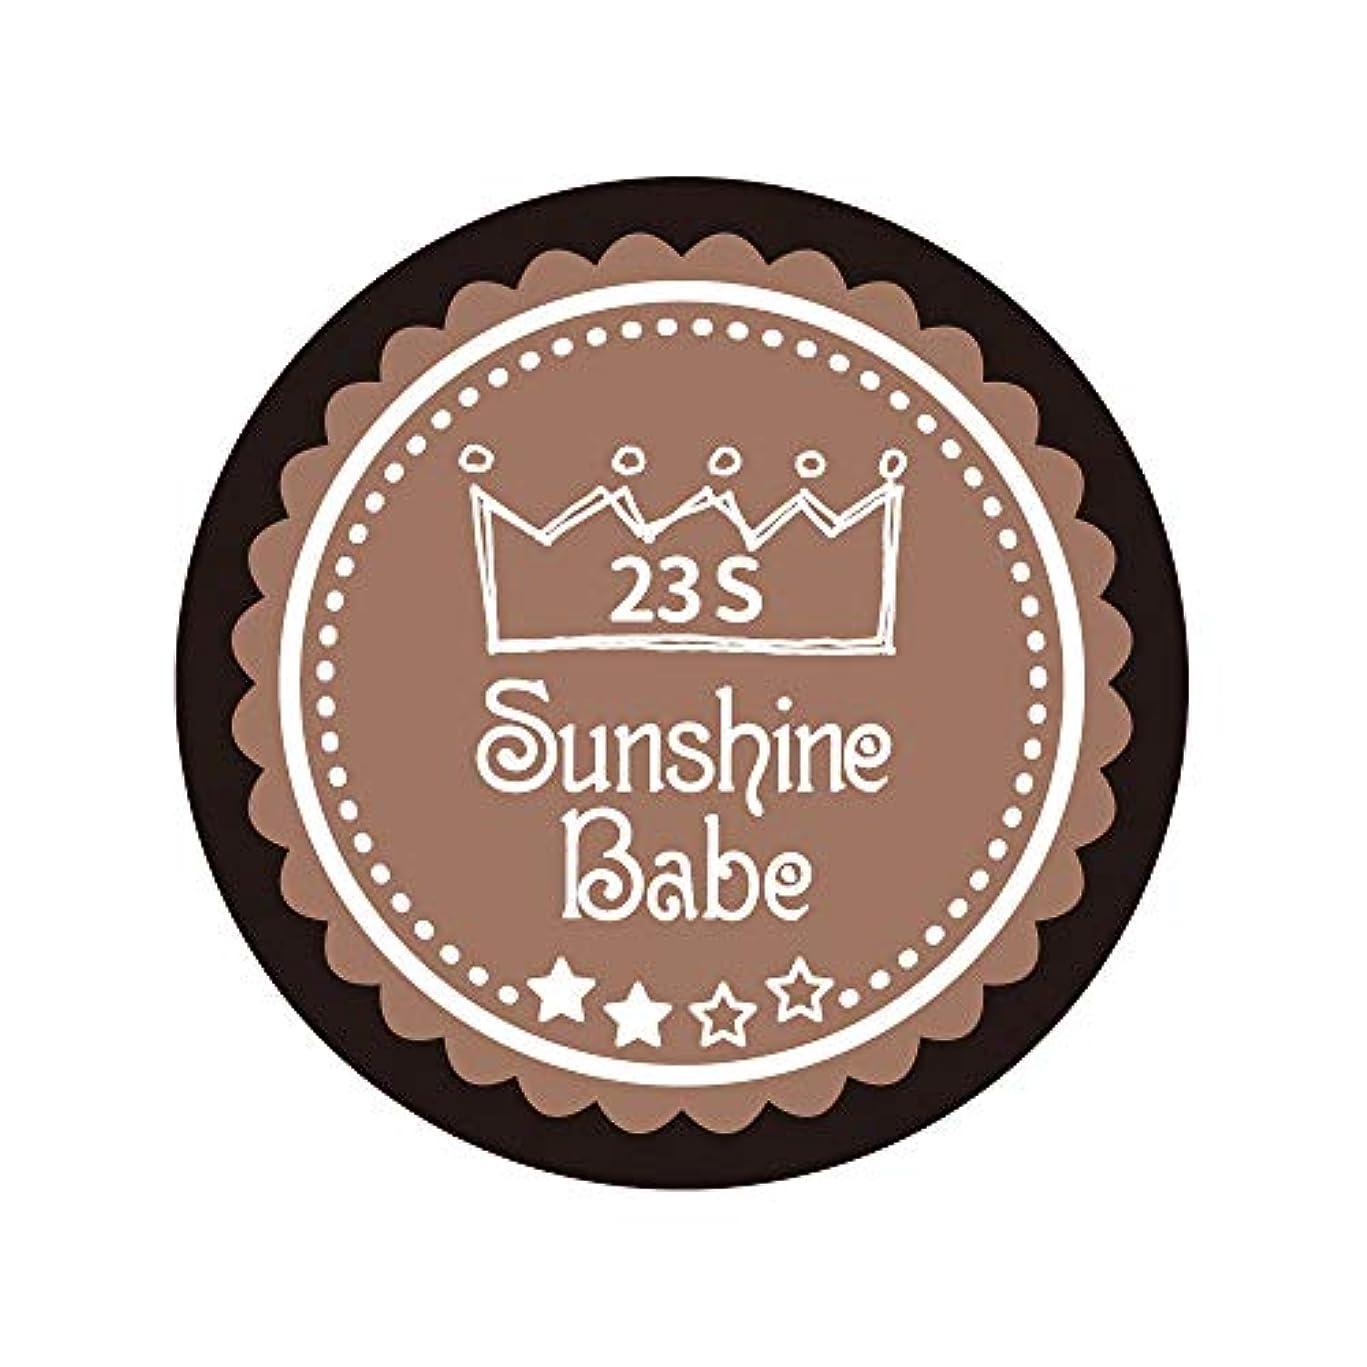 結晶時間厳守あらゆる種類のSunshine Babe カラージェル 23S パティキュリエール 2.7g UV/LED対応